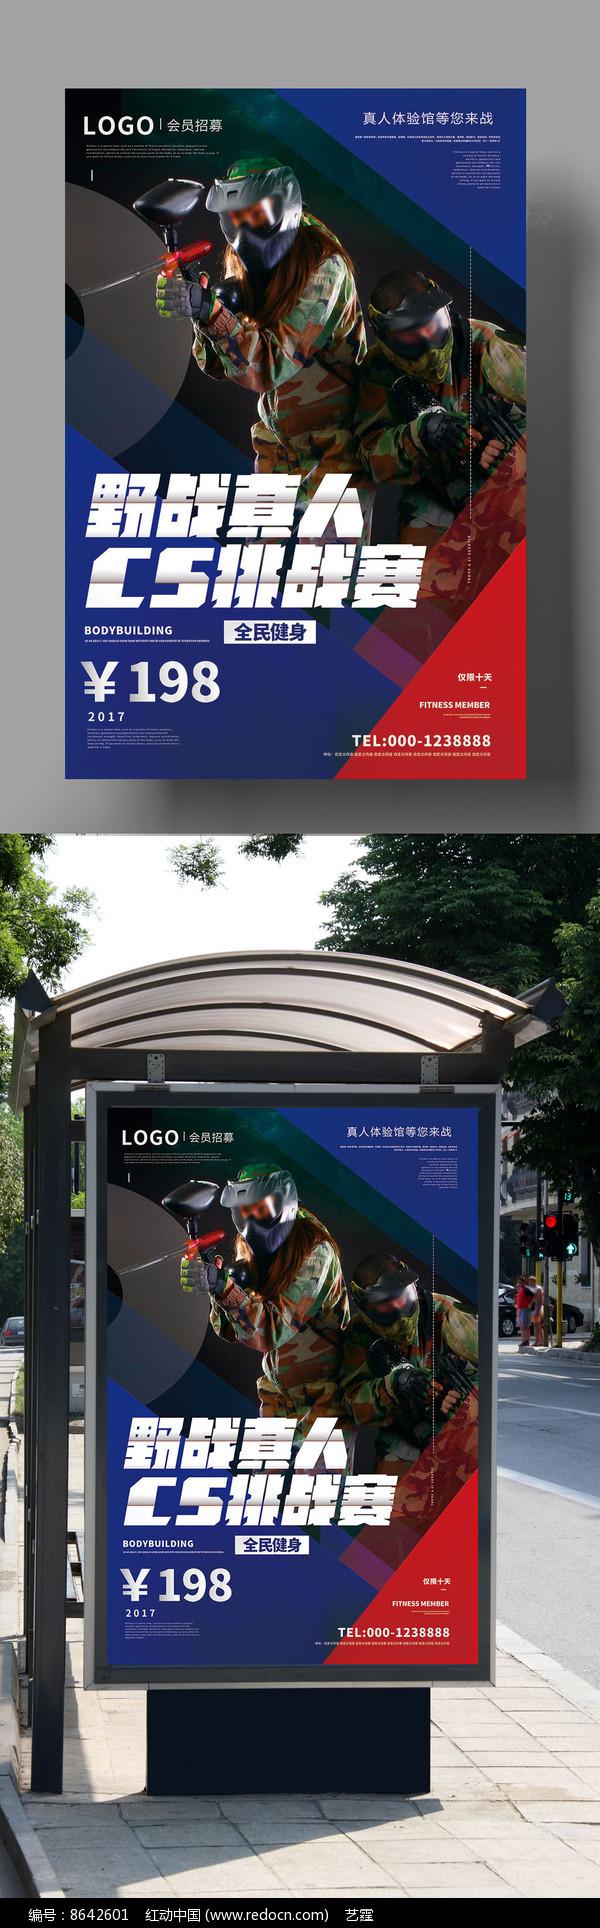 炫酷真人CS挑战赛人物海报图片